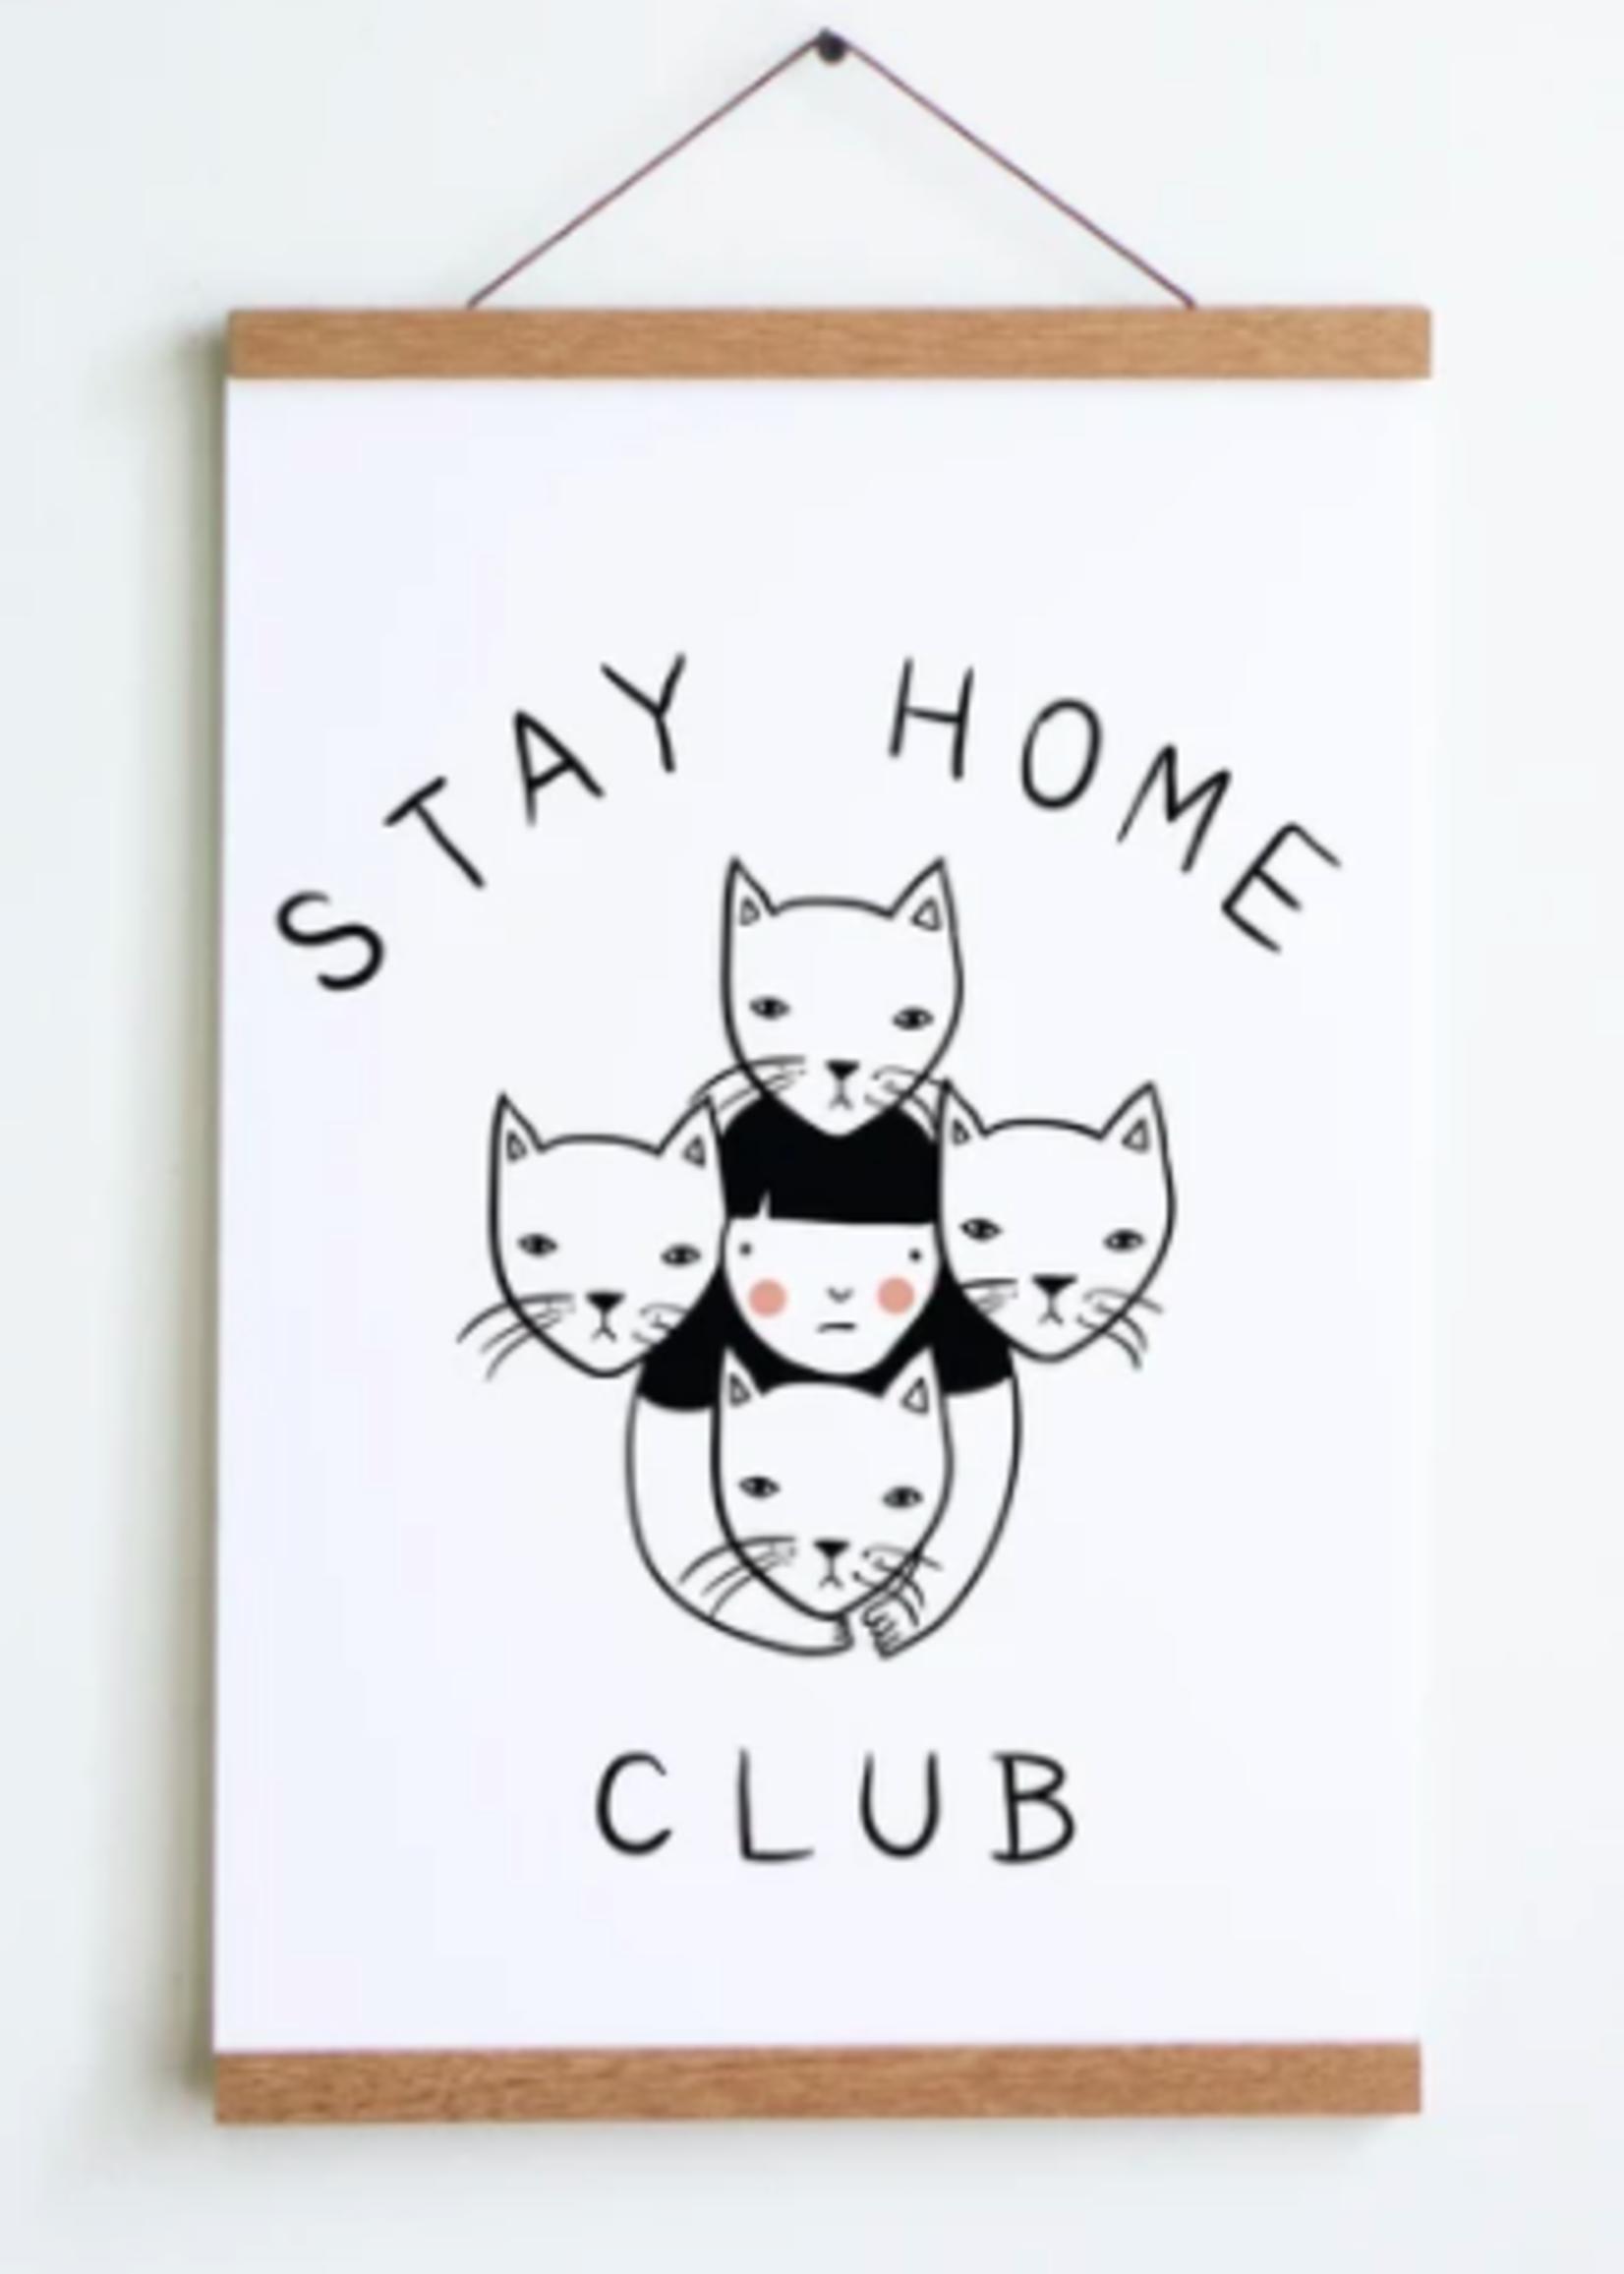 Stay Home Club Affichettes et cintre d'affiche - 30cm x 45cm